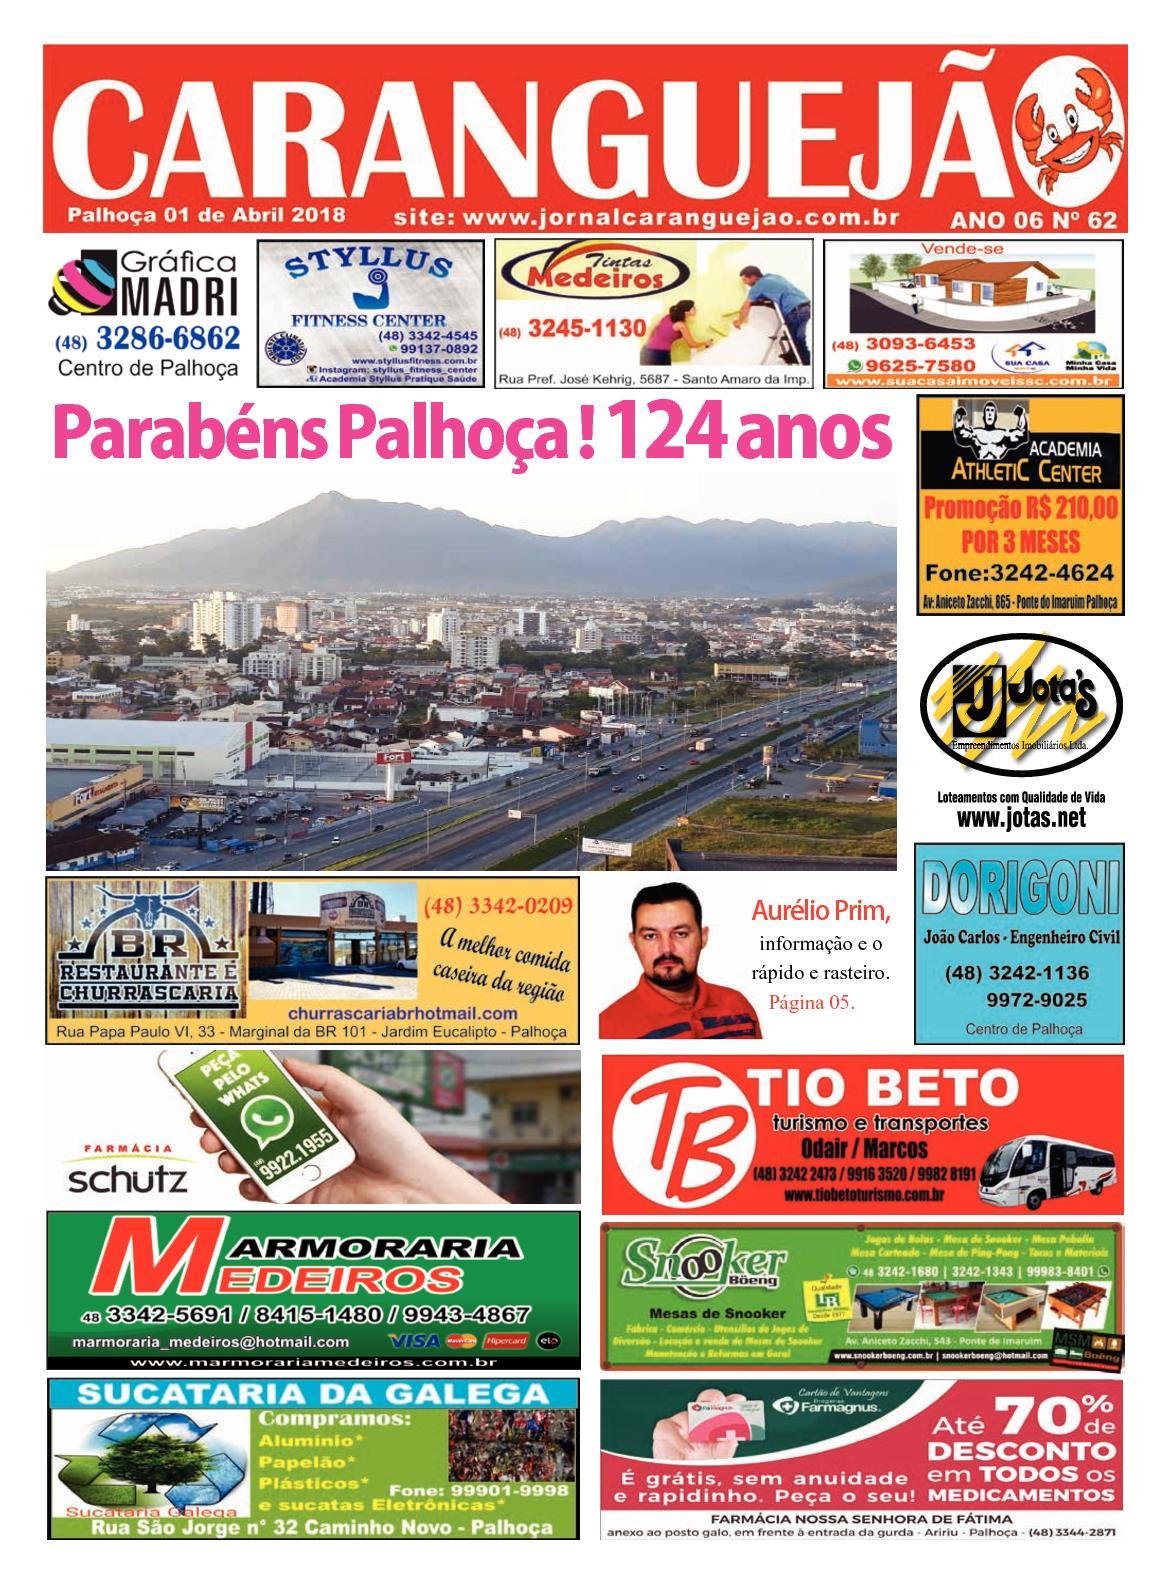 Edição n° 62 do jornal caranguejao